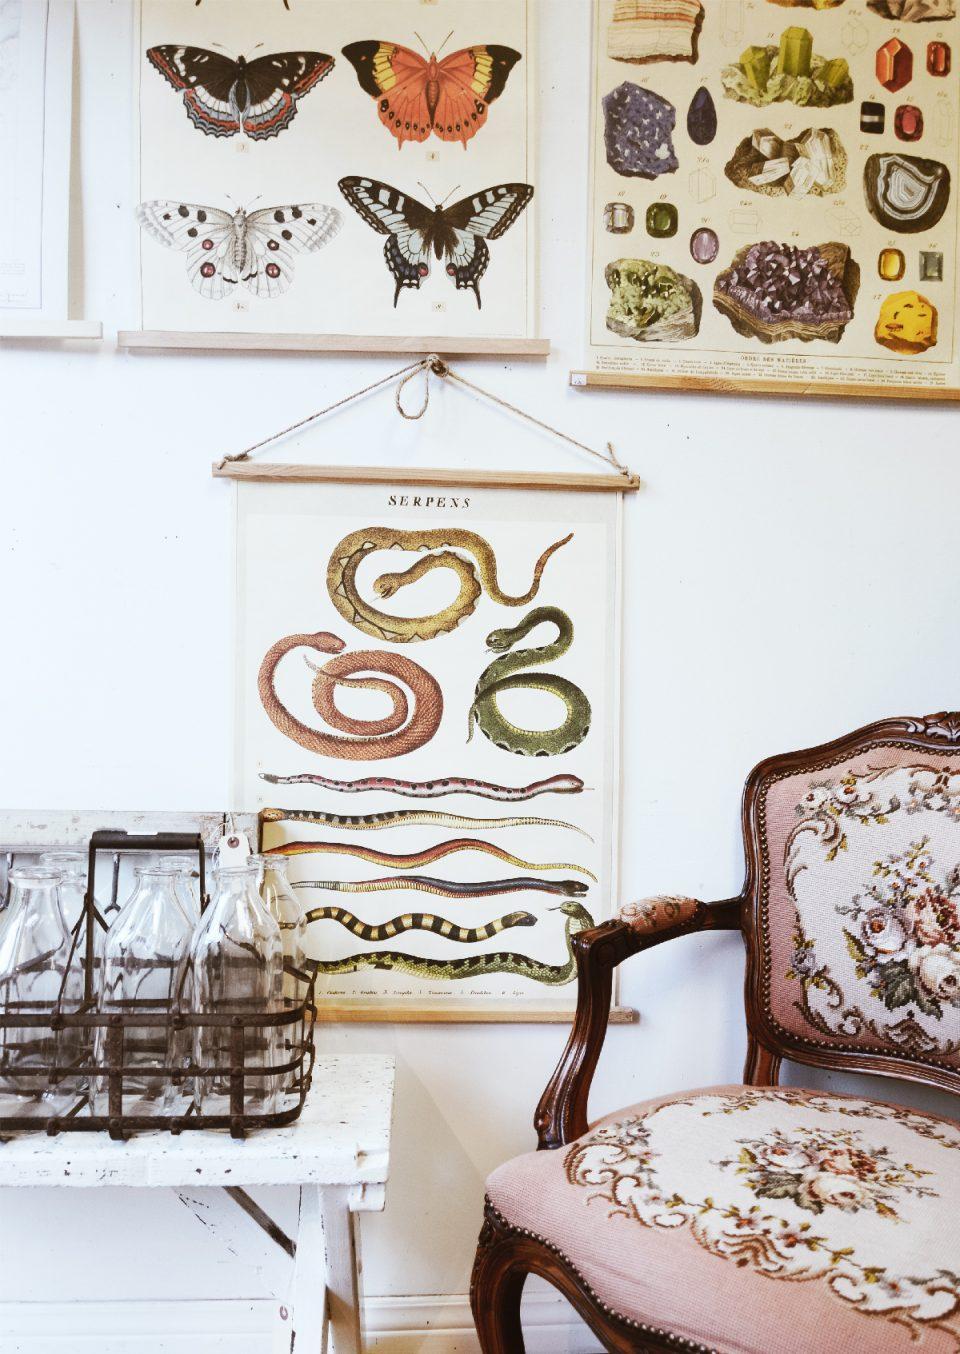 un no l vintage l atelier 111 d co montr al we wash trash blog d co voyages. Black Bedroom Furniture Sets. Home Design Ideas